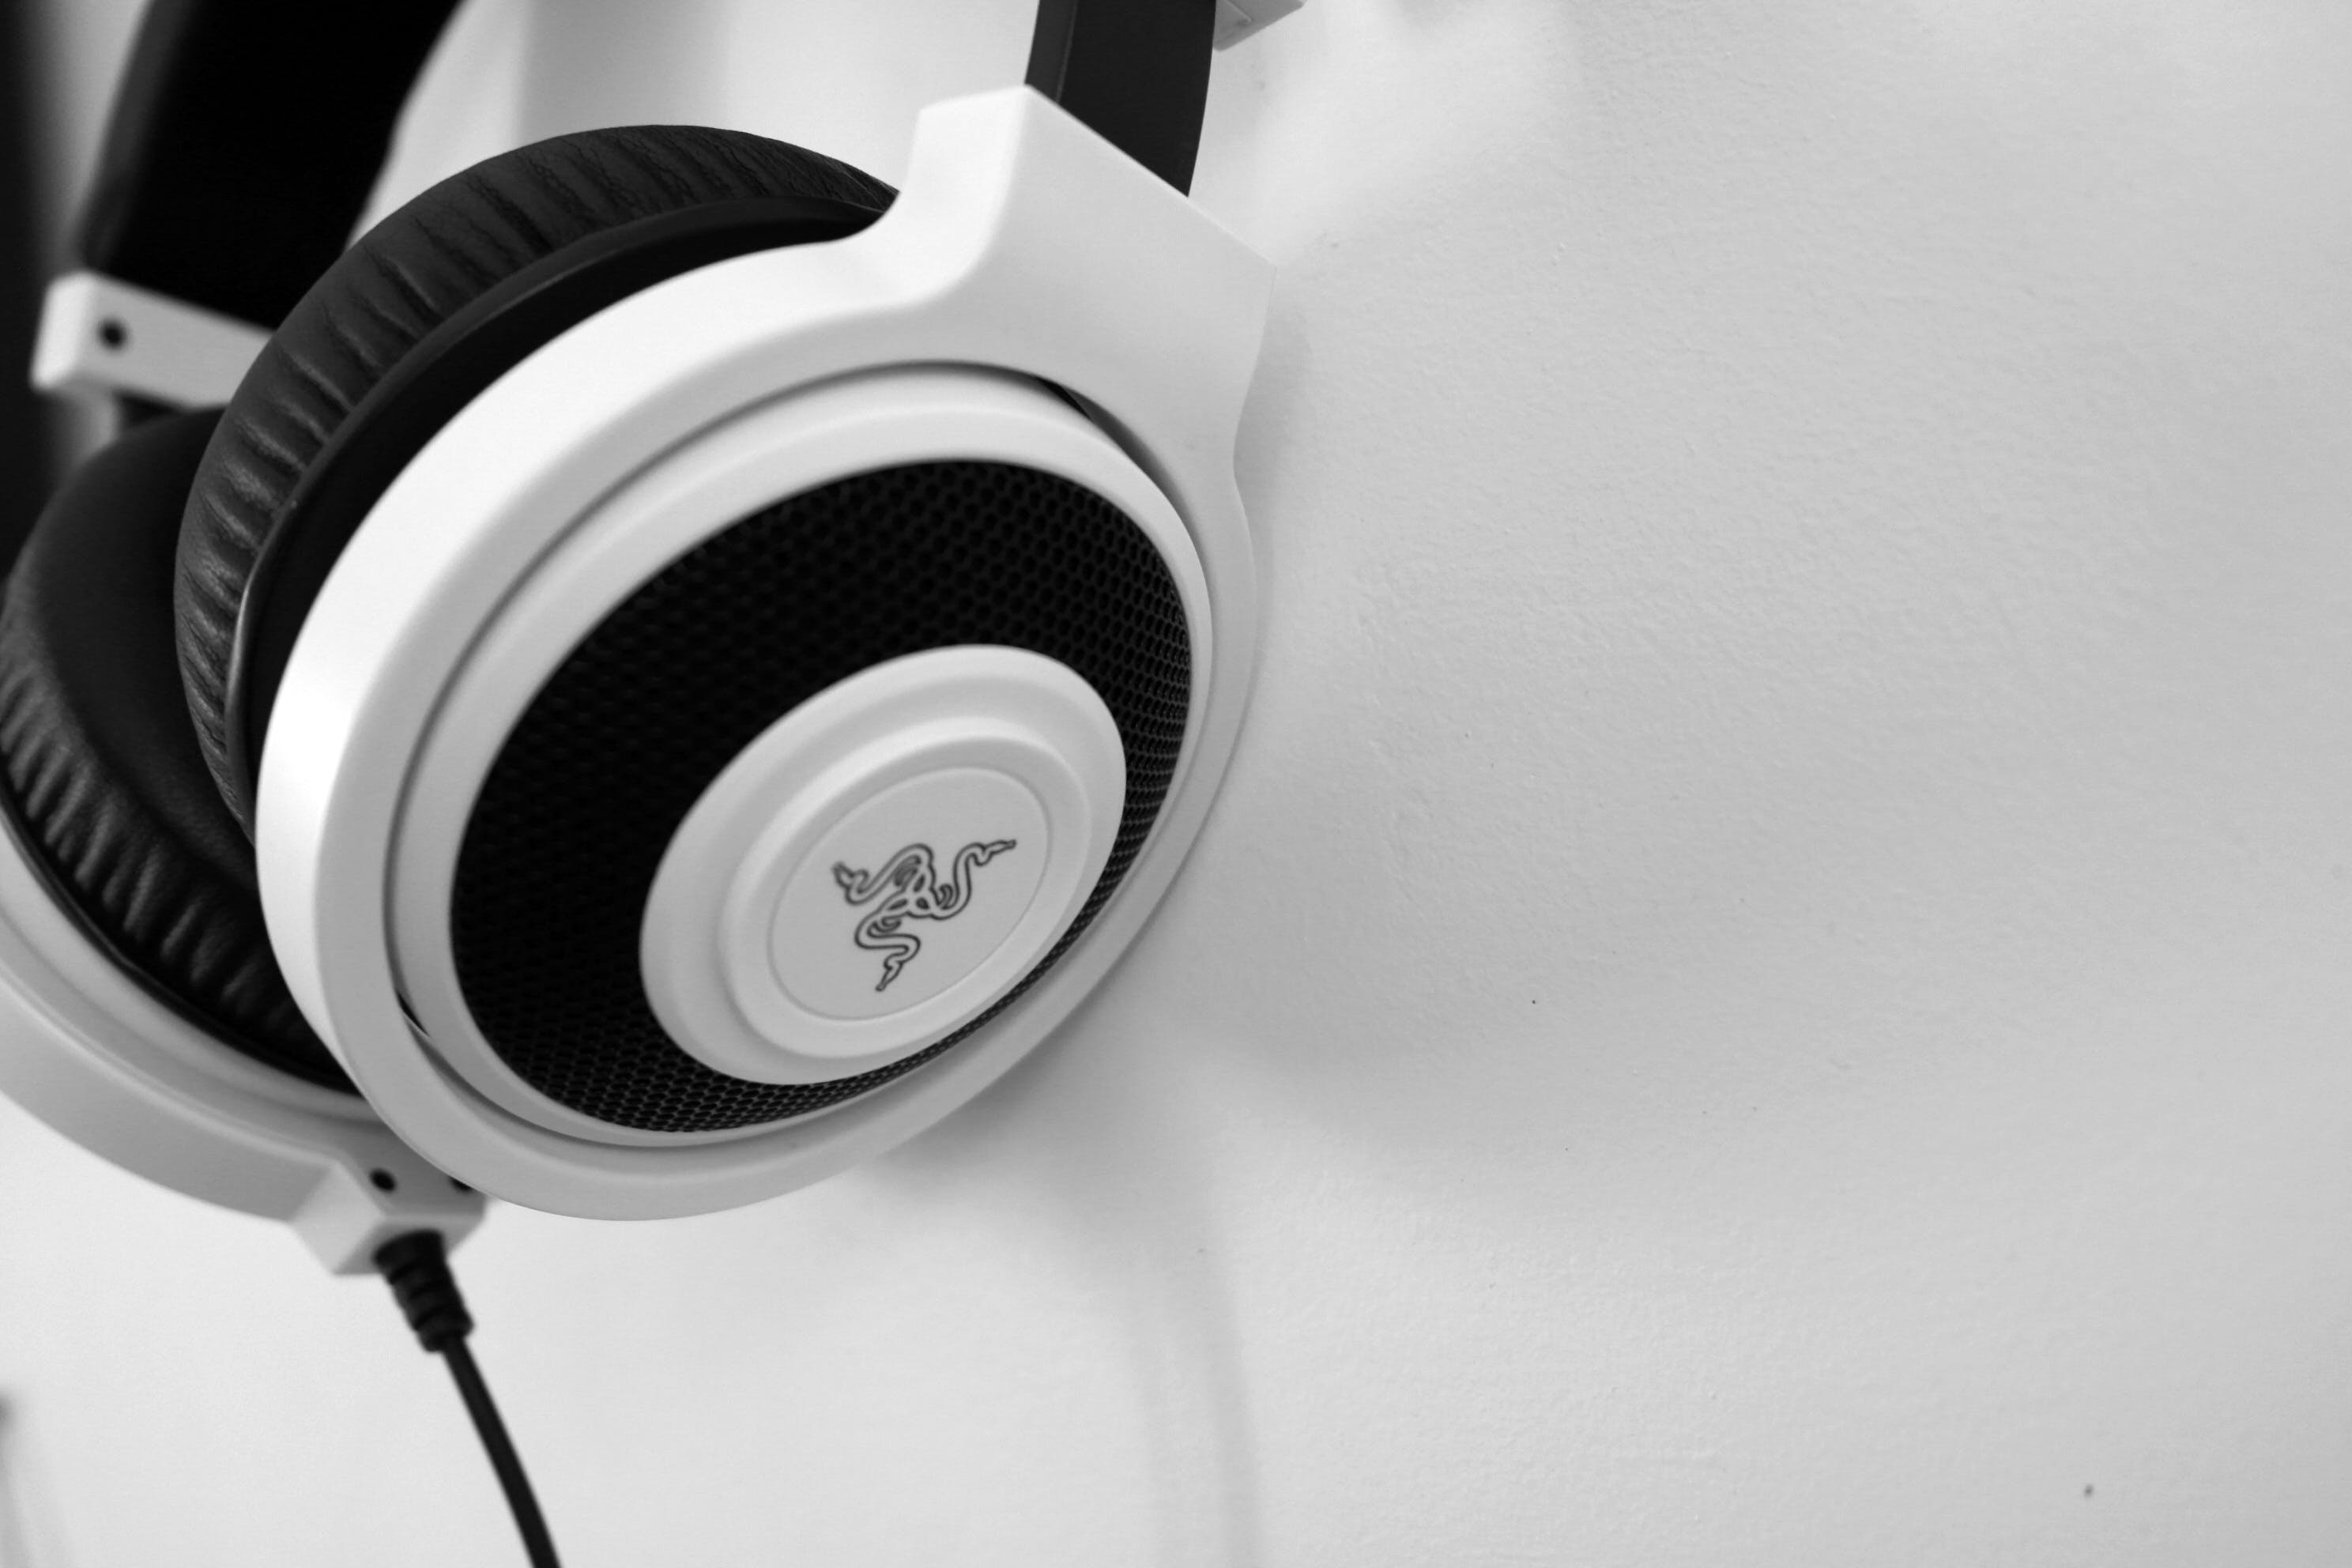 Razer White and Black Corded Headphones